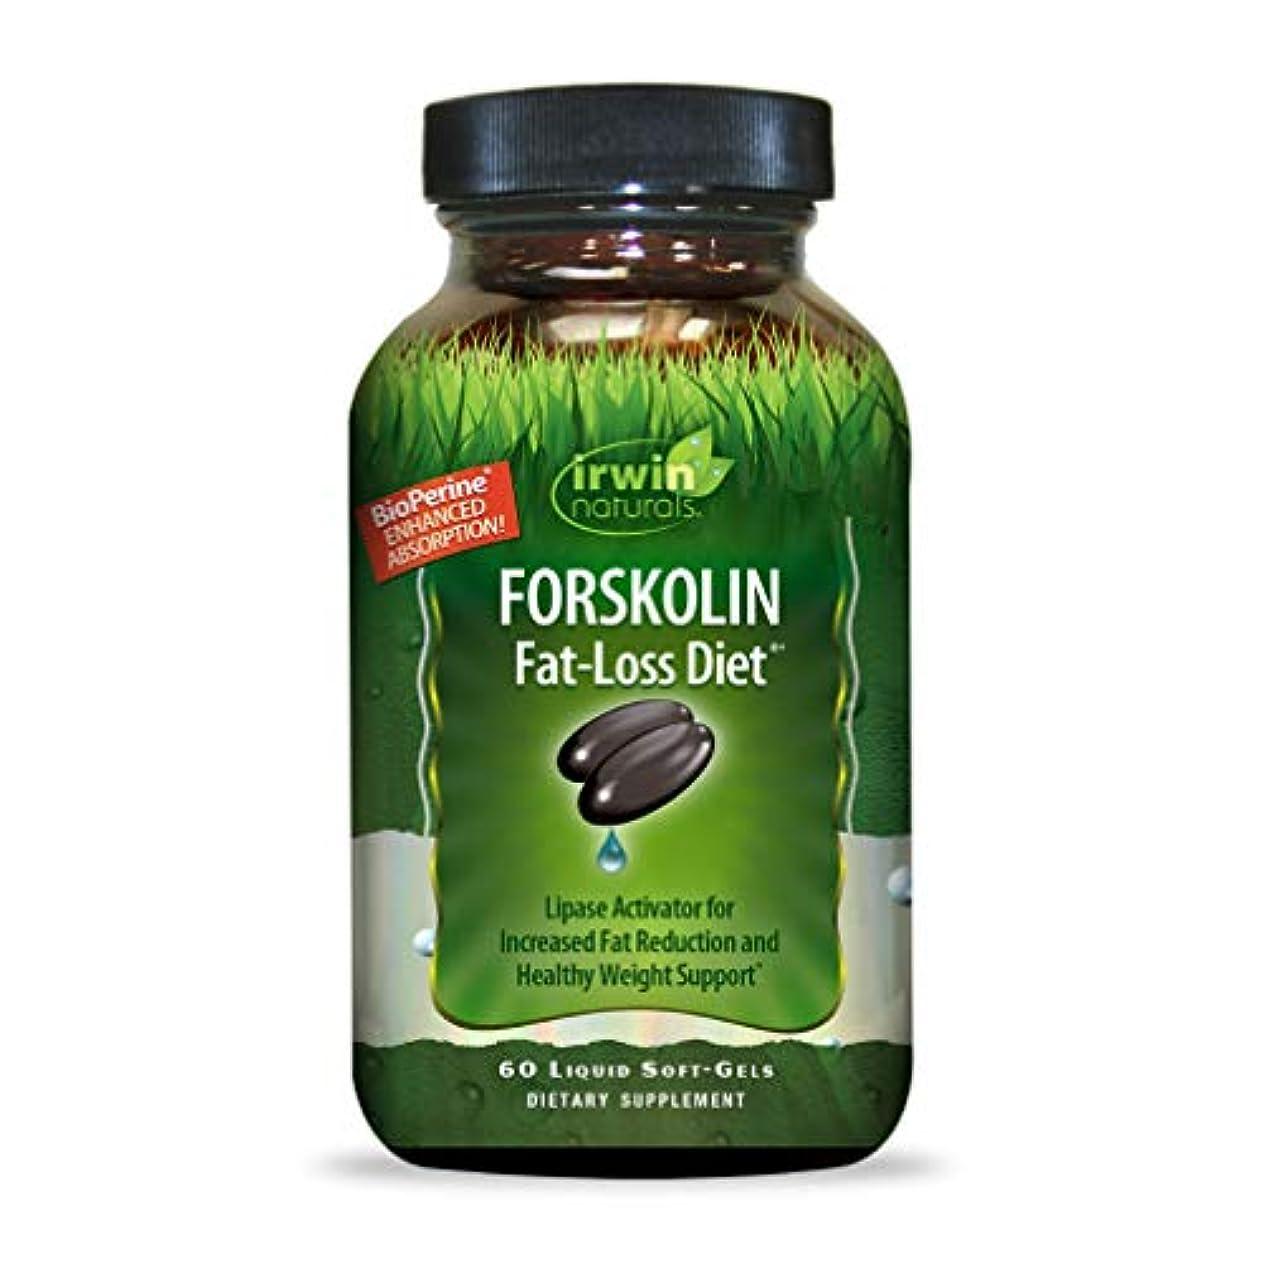 リスキーな反発する本当にIrwin Naturals Forskolin(フォルスコリン) Fat-Loss Diet 60 sgels